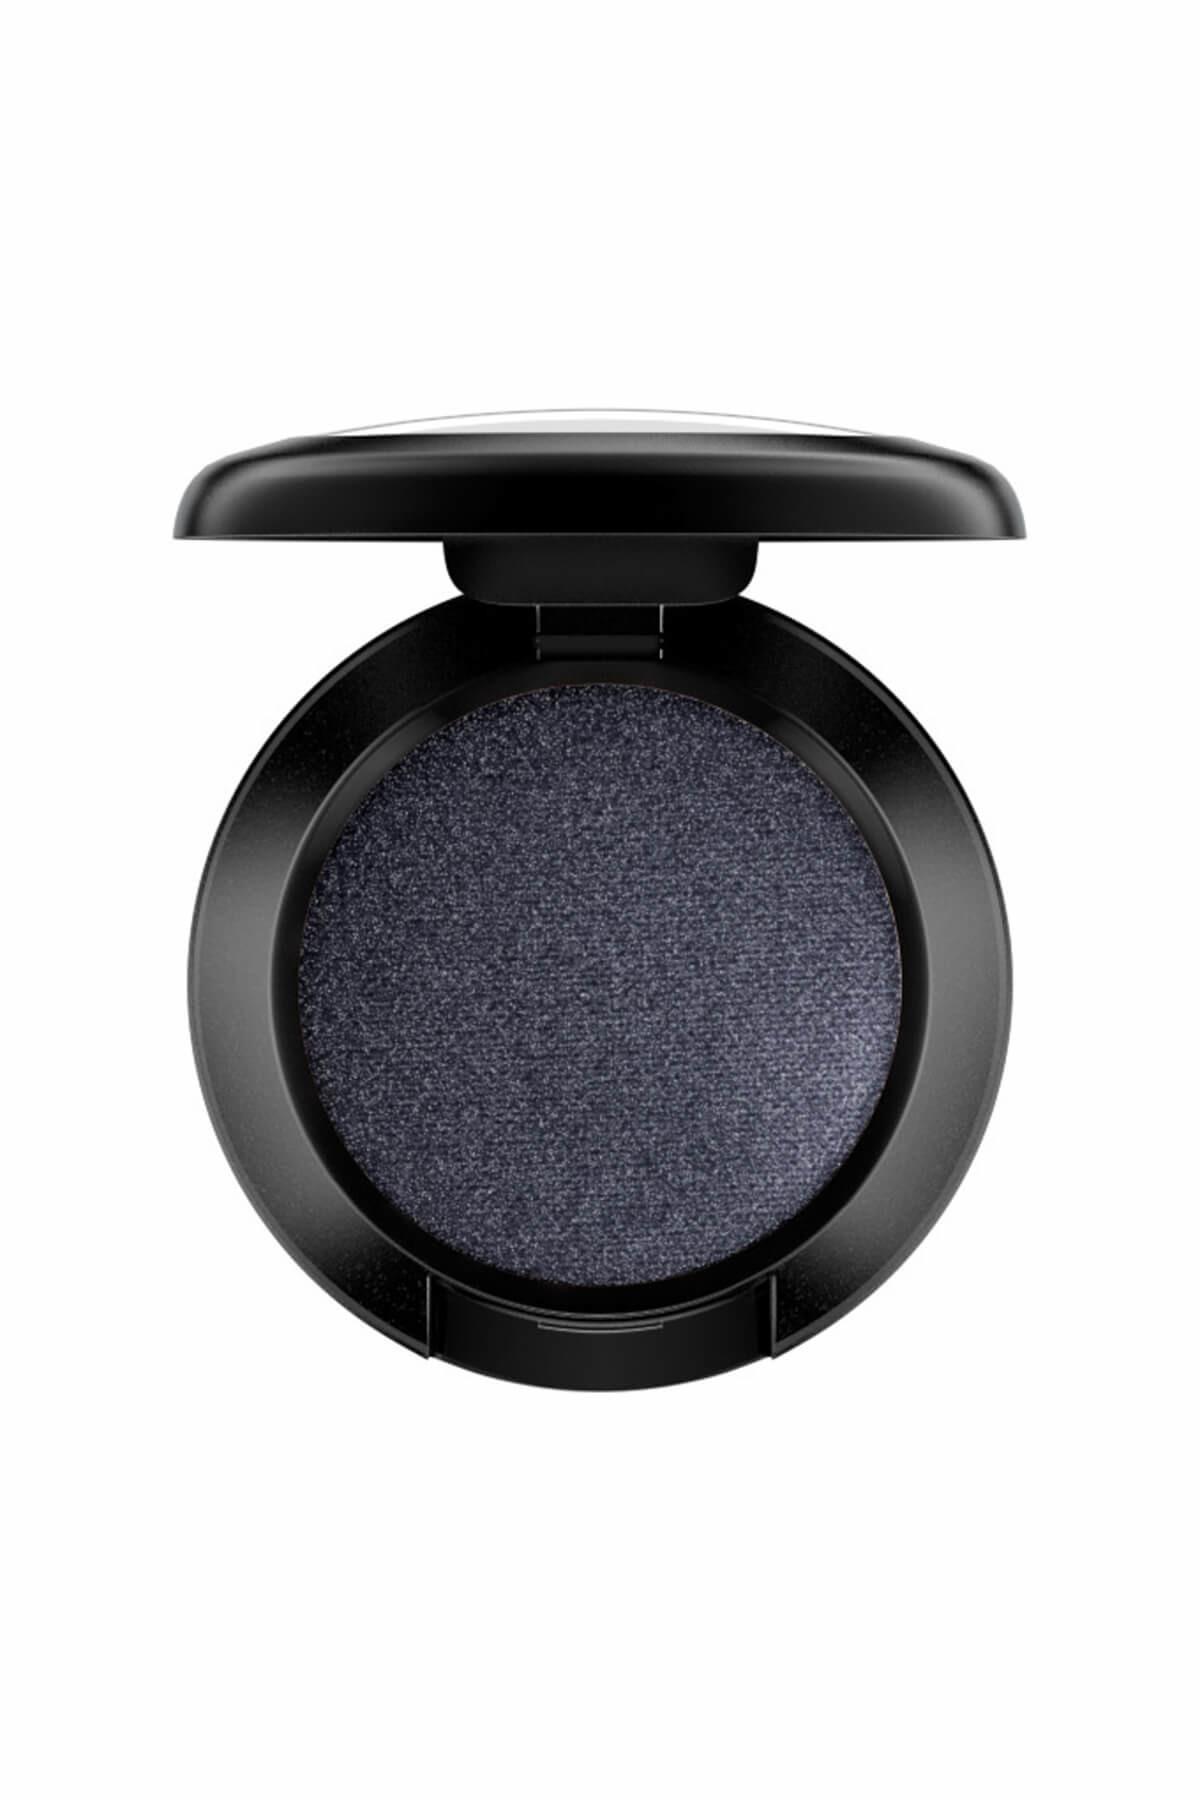 M.A.C Göz Farı - Eye Shadow Black Tied 1.5 g 773602023646 1